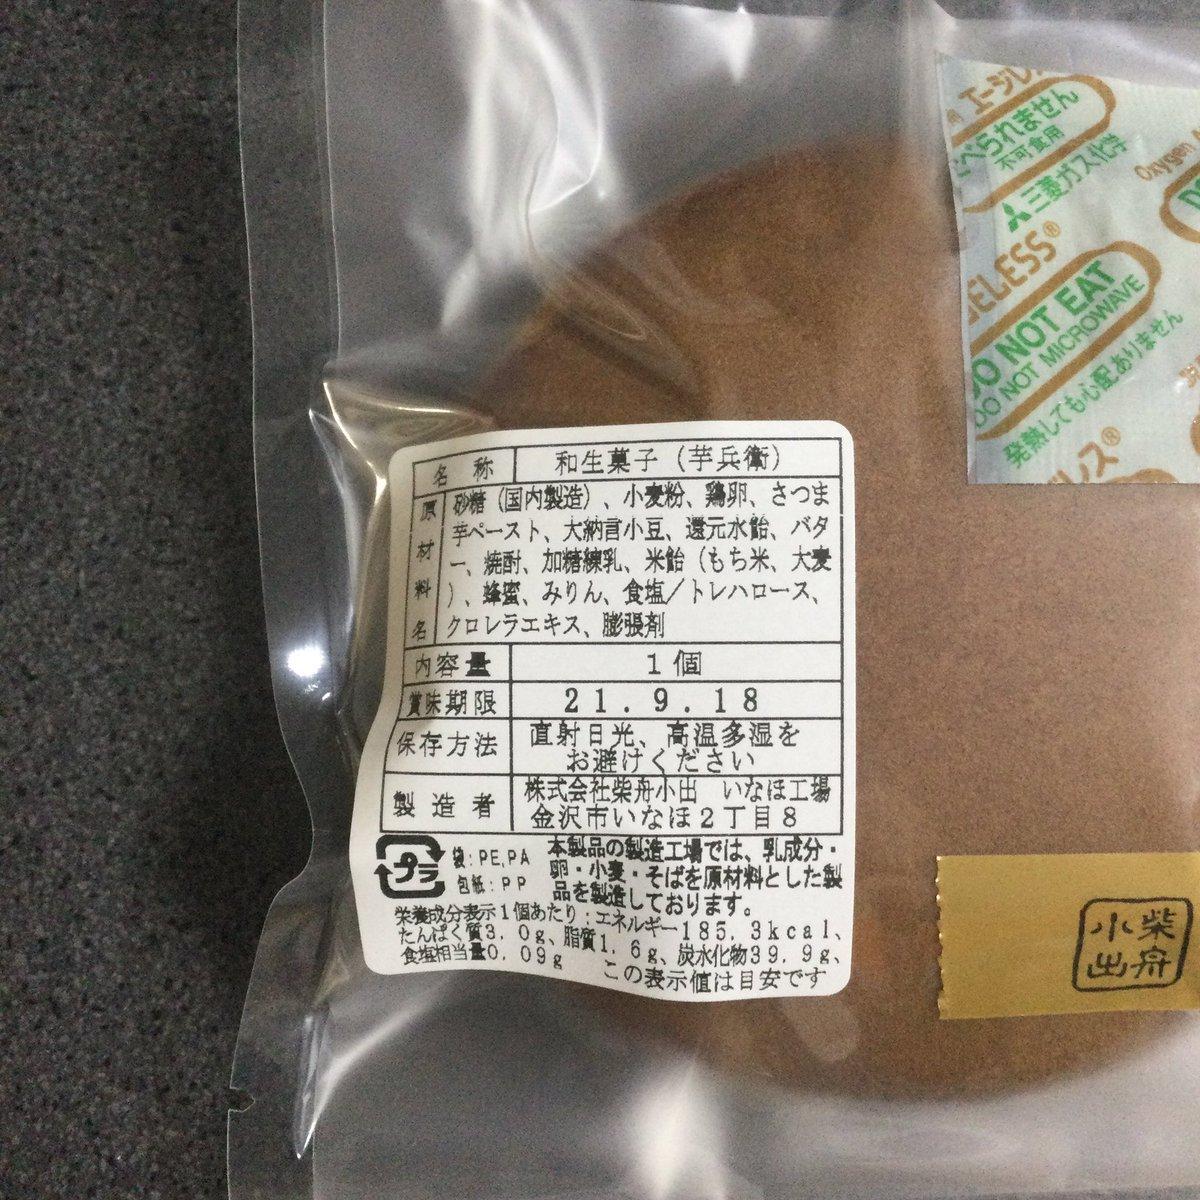 test ツイッターメディア - @100m_goku_ol 芋羊羹は思い浮かばないのですが、、、 お芋とバターの組み合わせで思い出すのが、柴舟小出の芋兵衛。ただし、小豆も入ってるし、どら焼きなので… あと、お芋で思い出すのは、きんつば中田屋の「金とき」です。 あまりお役に立てなくて申し訳ないですm(_ _)m https://t.co/2krj1Vt32k